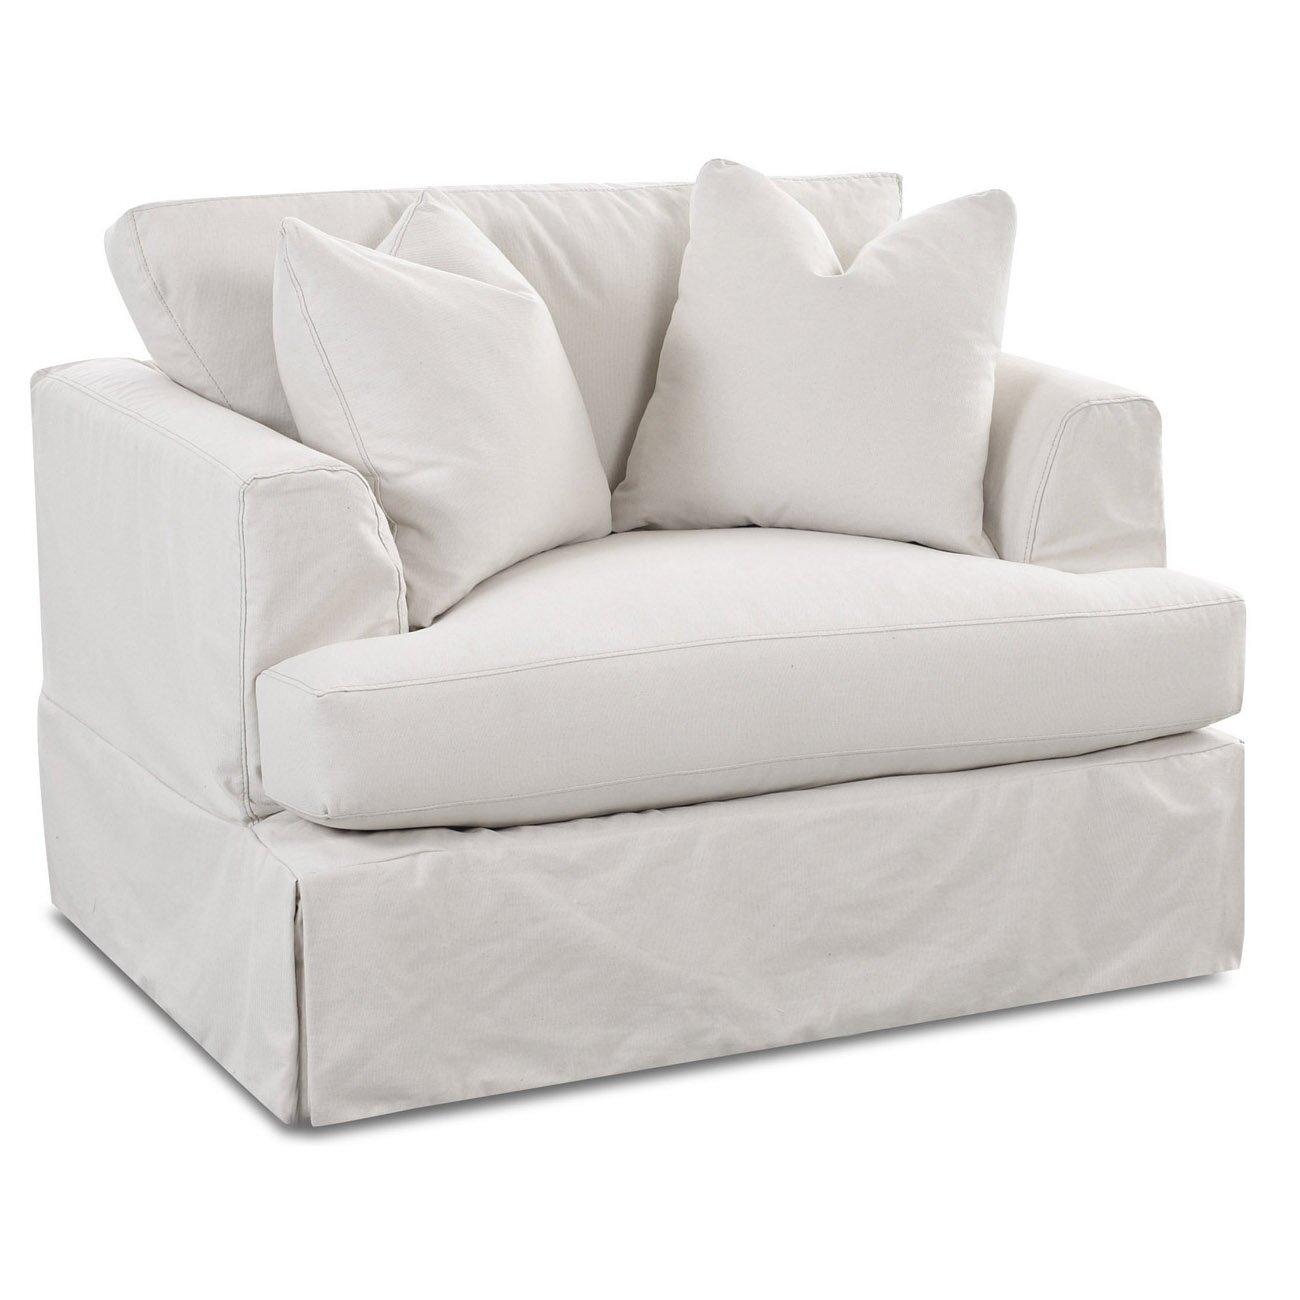 Wayfair Custom Upholstery Carly Arm Chair & Reviews | Wayfair